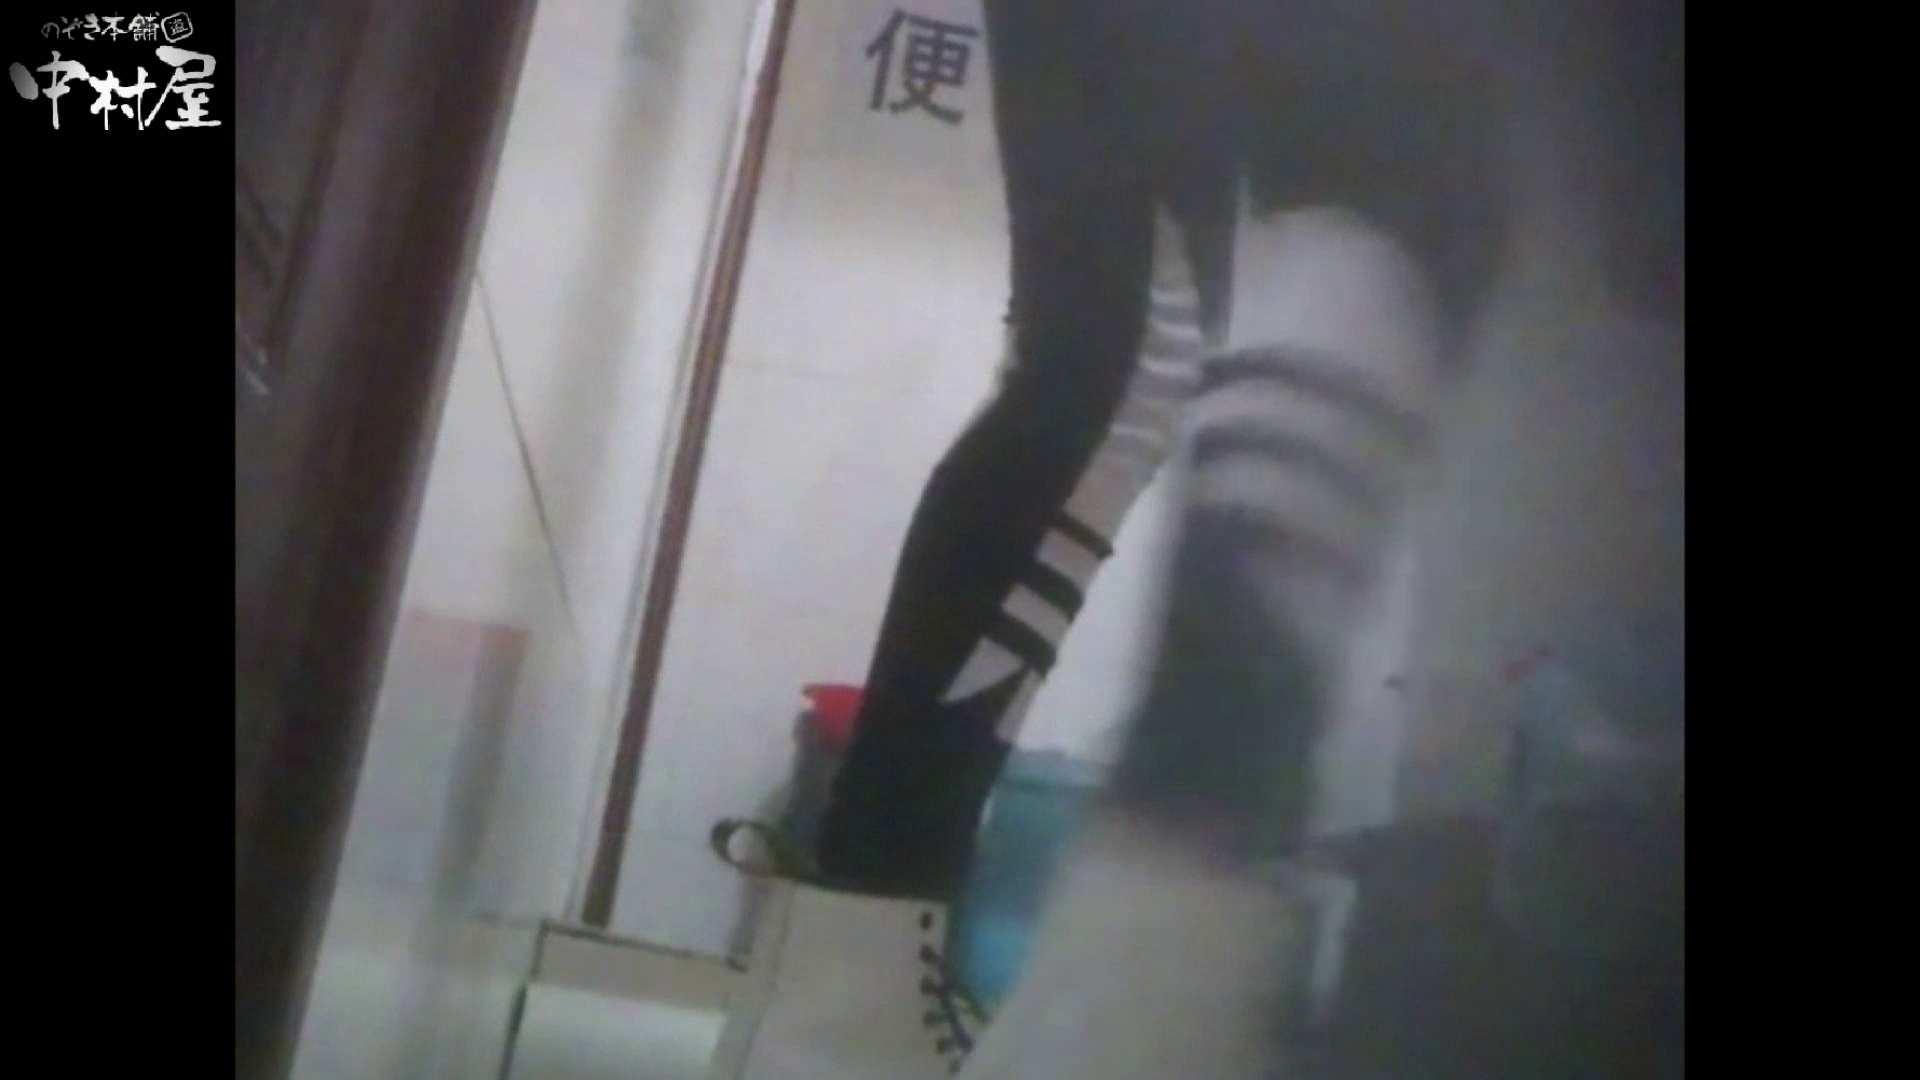 李さんの盗撮日記 Vol.13 トイレ | ギャルのエロ動画 盗撮 93PIX 45